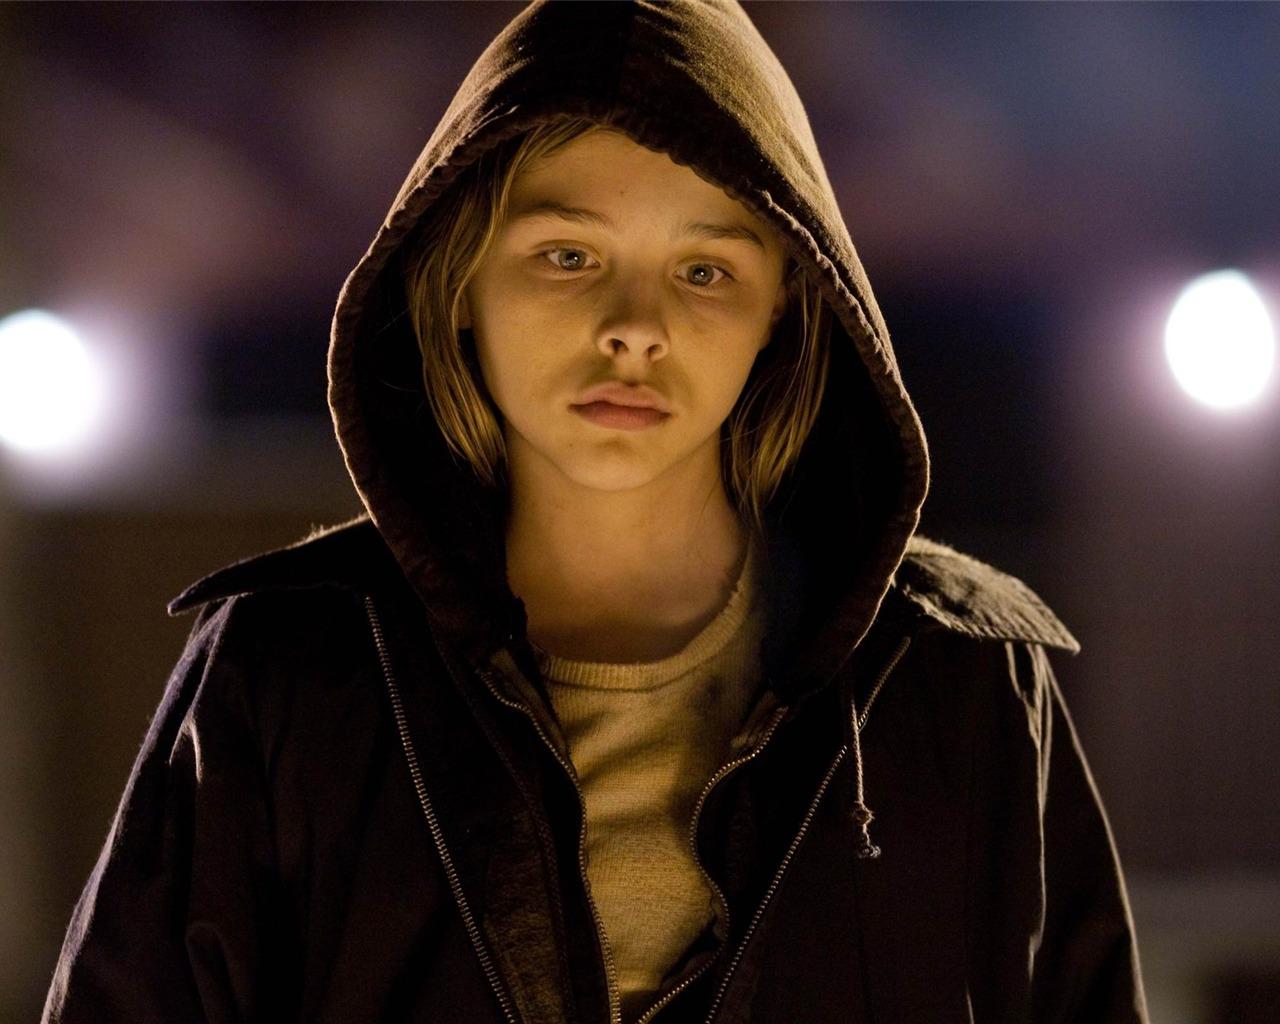 中国演员海顿_Chloe Moretz 科洛·格蕾斯·莫瑞兹 美女女演员高清壁纸-1280x1024下载 ...